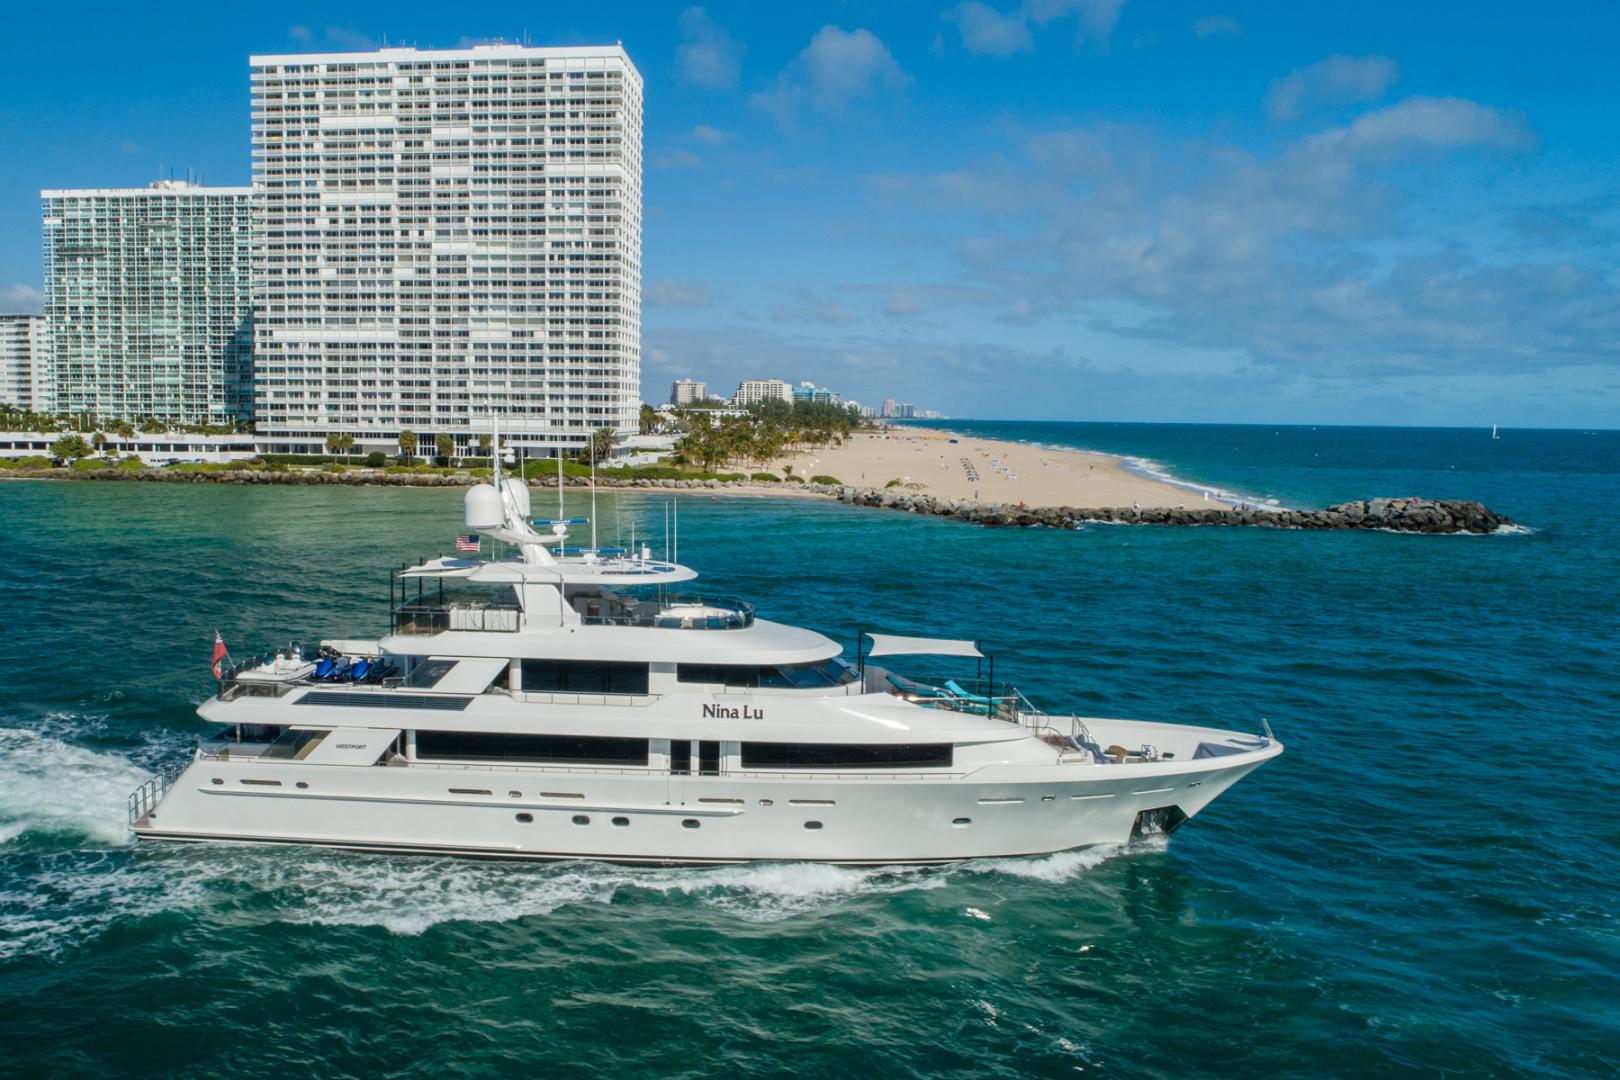 Westport-Westport 40 meter 2011-NINA LU Miami-Florida-United States-Starboad Profile-1354302 | Thumbnail